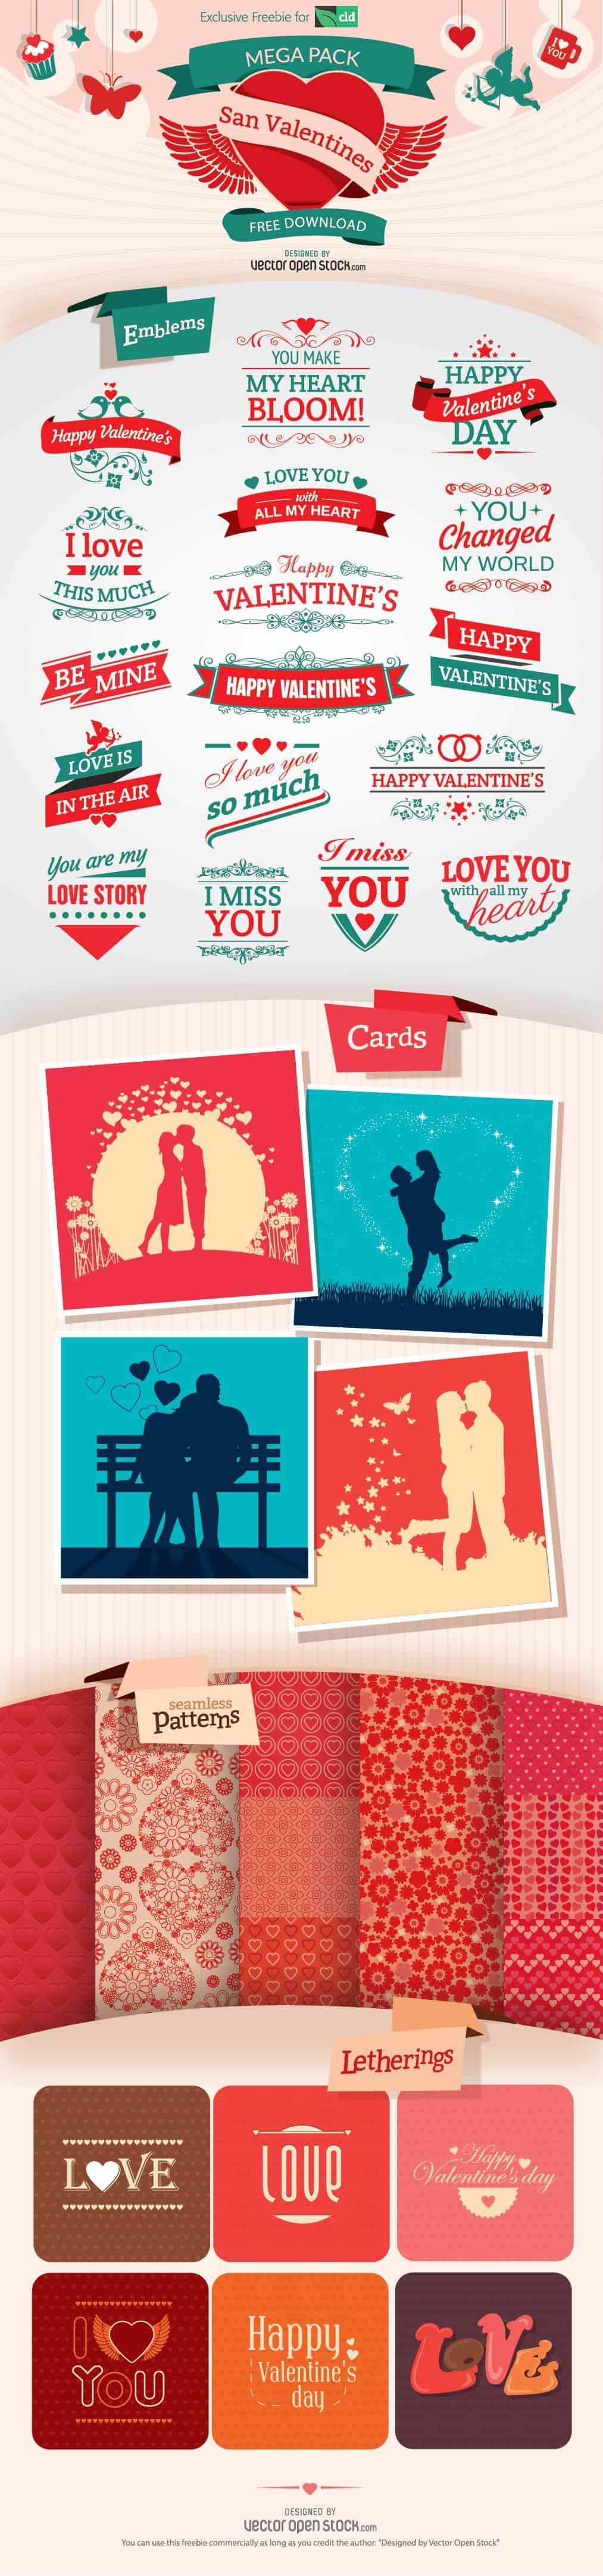 mega pack san valentines Freebie